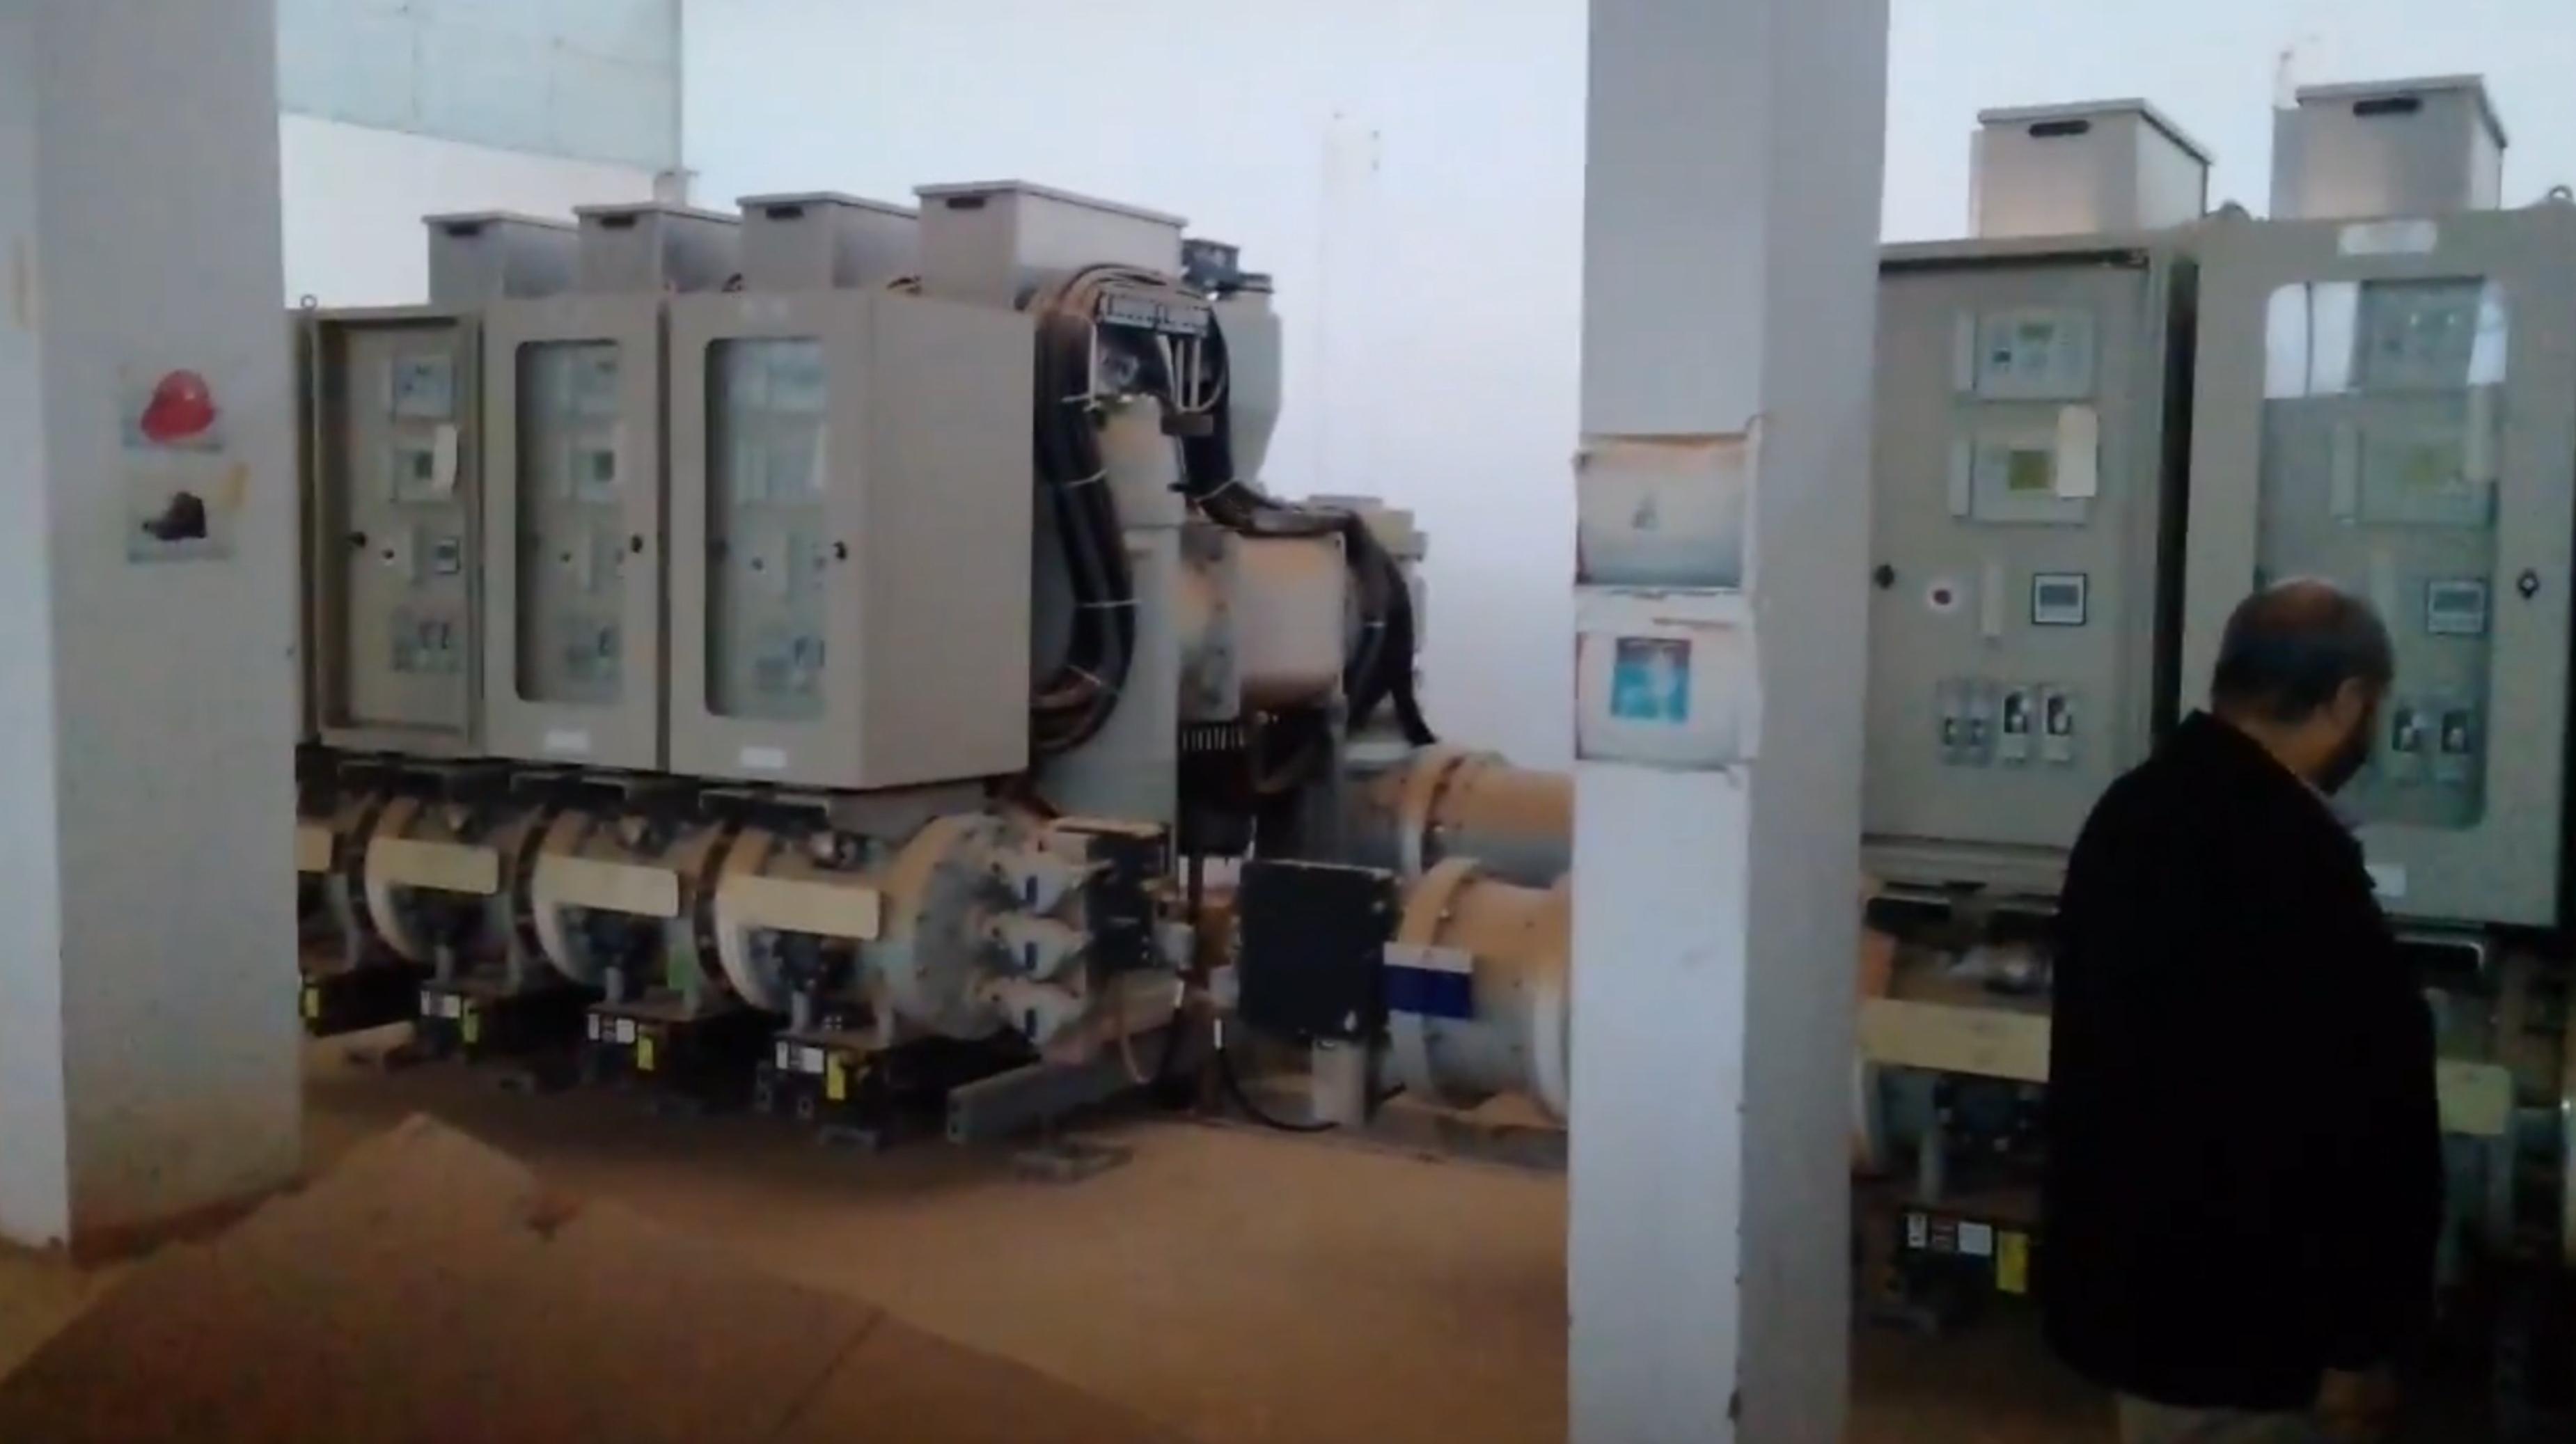 إدارة توزيع الشركة الغربية للكهرباء في بدر وتيجي